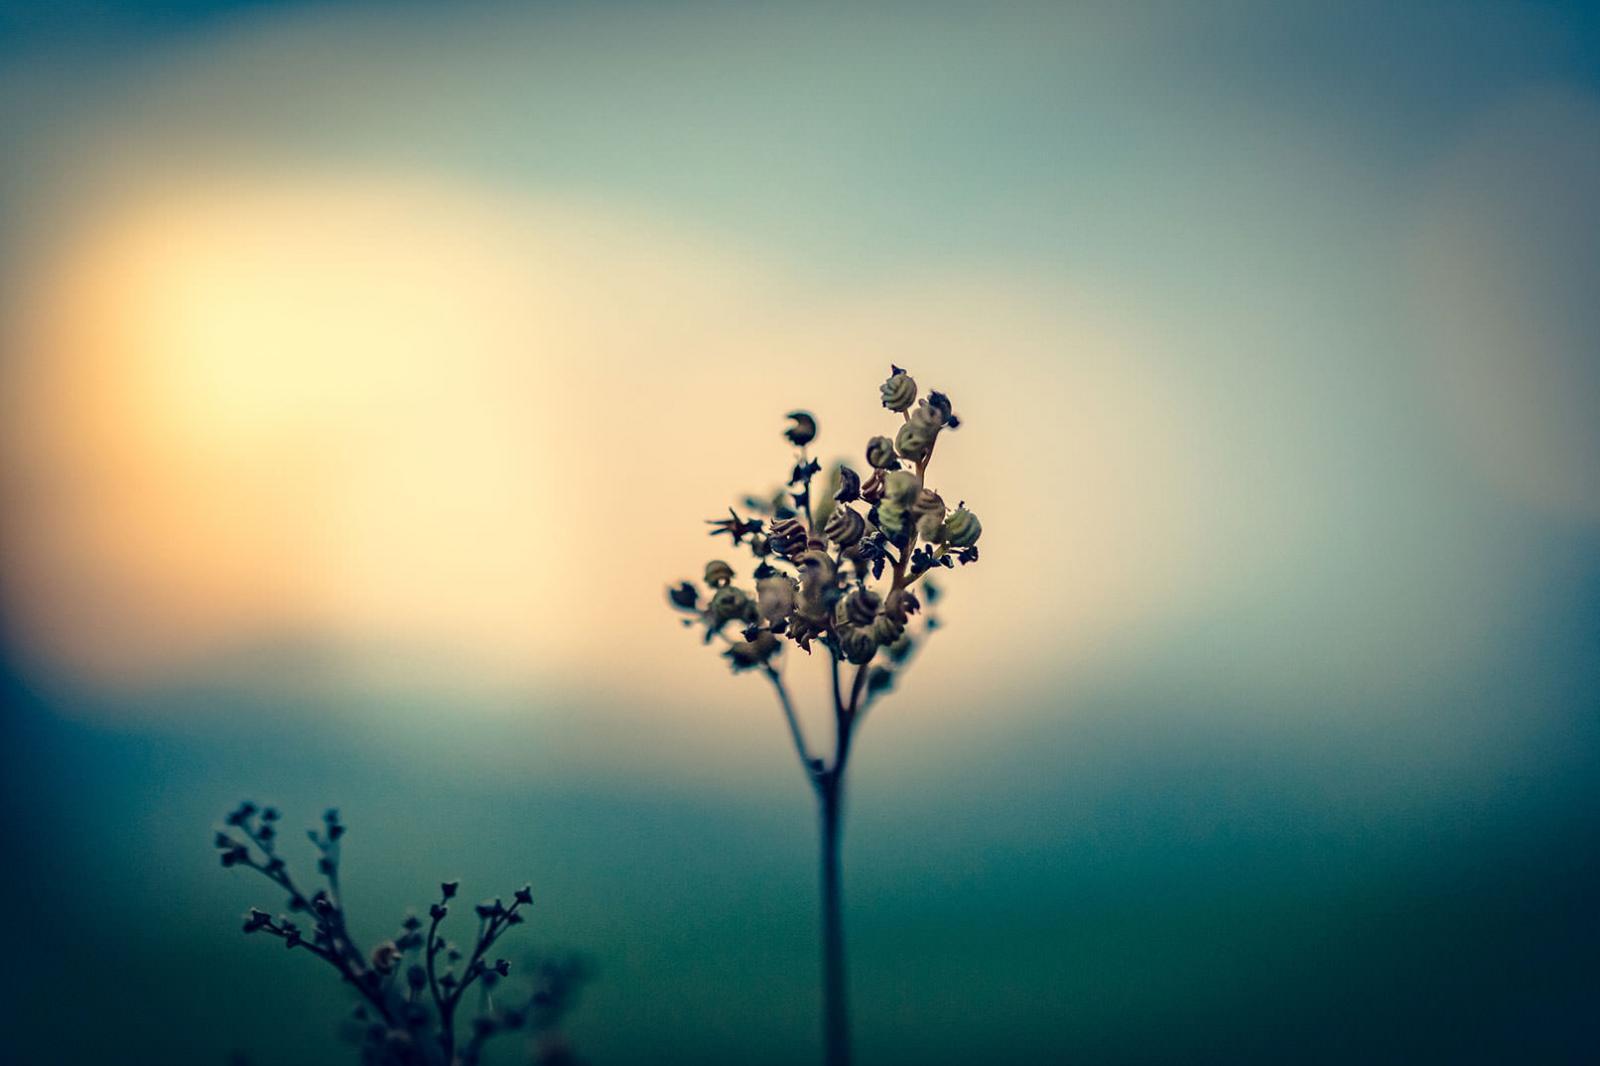 Herbst-Fotografie, Fotoshooting Nebel und Blume